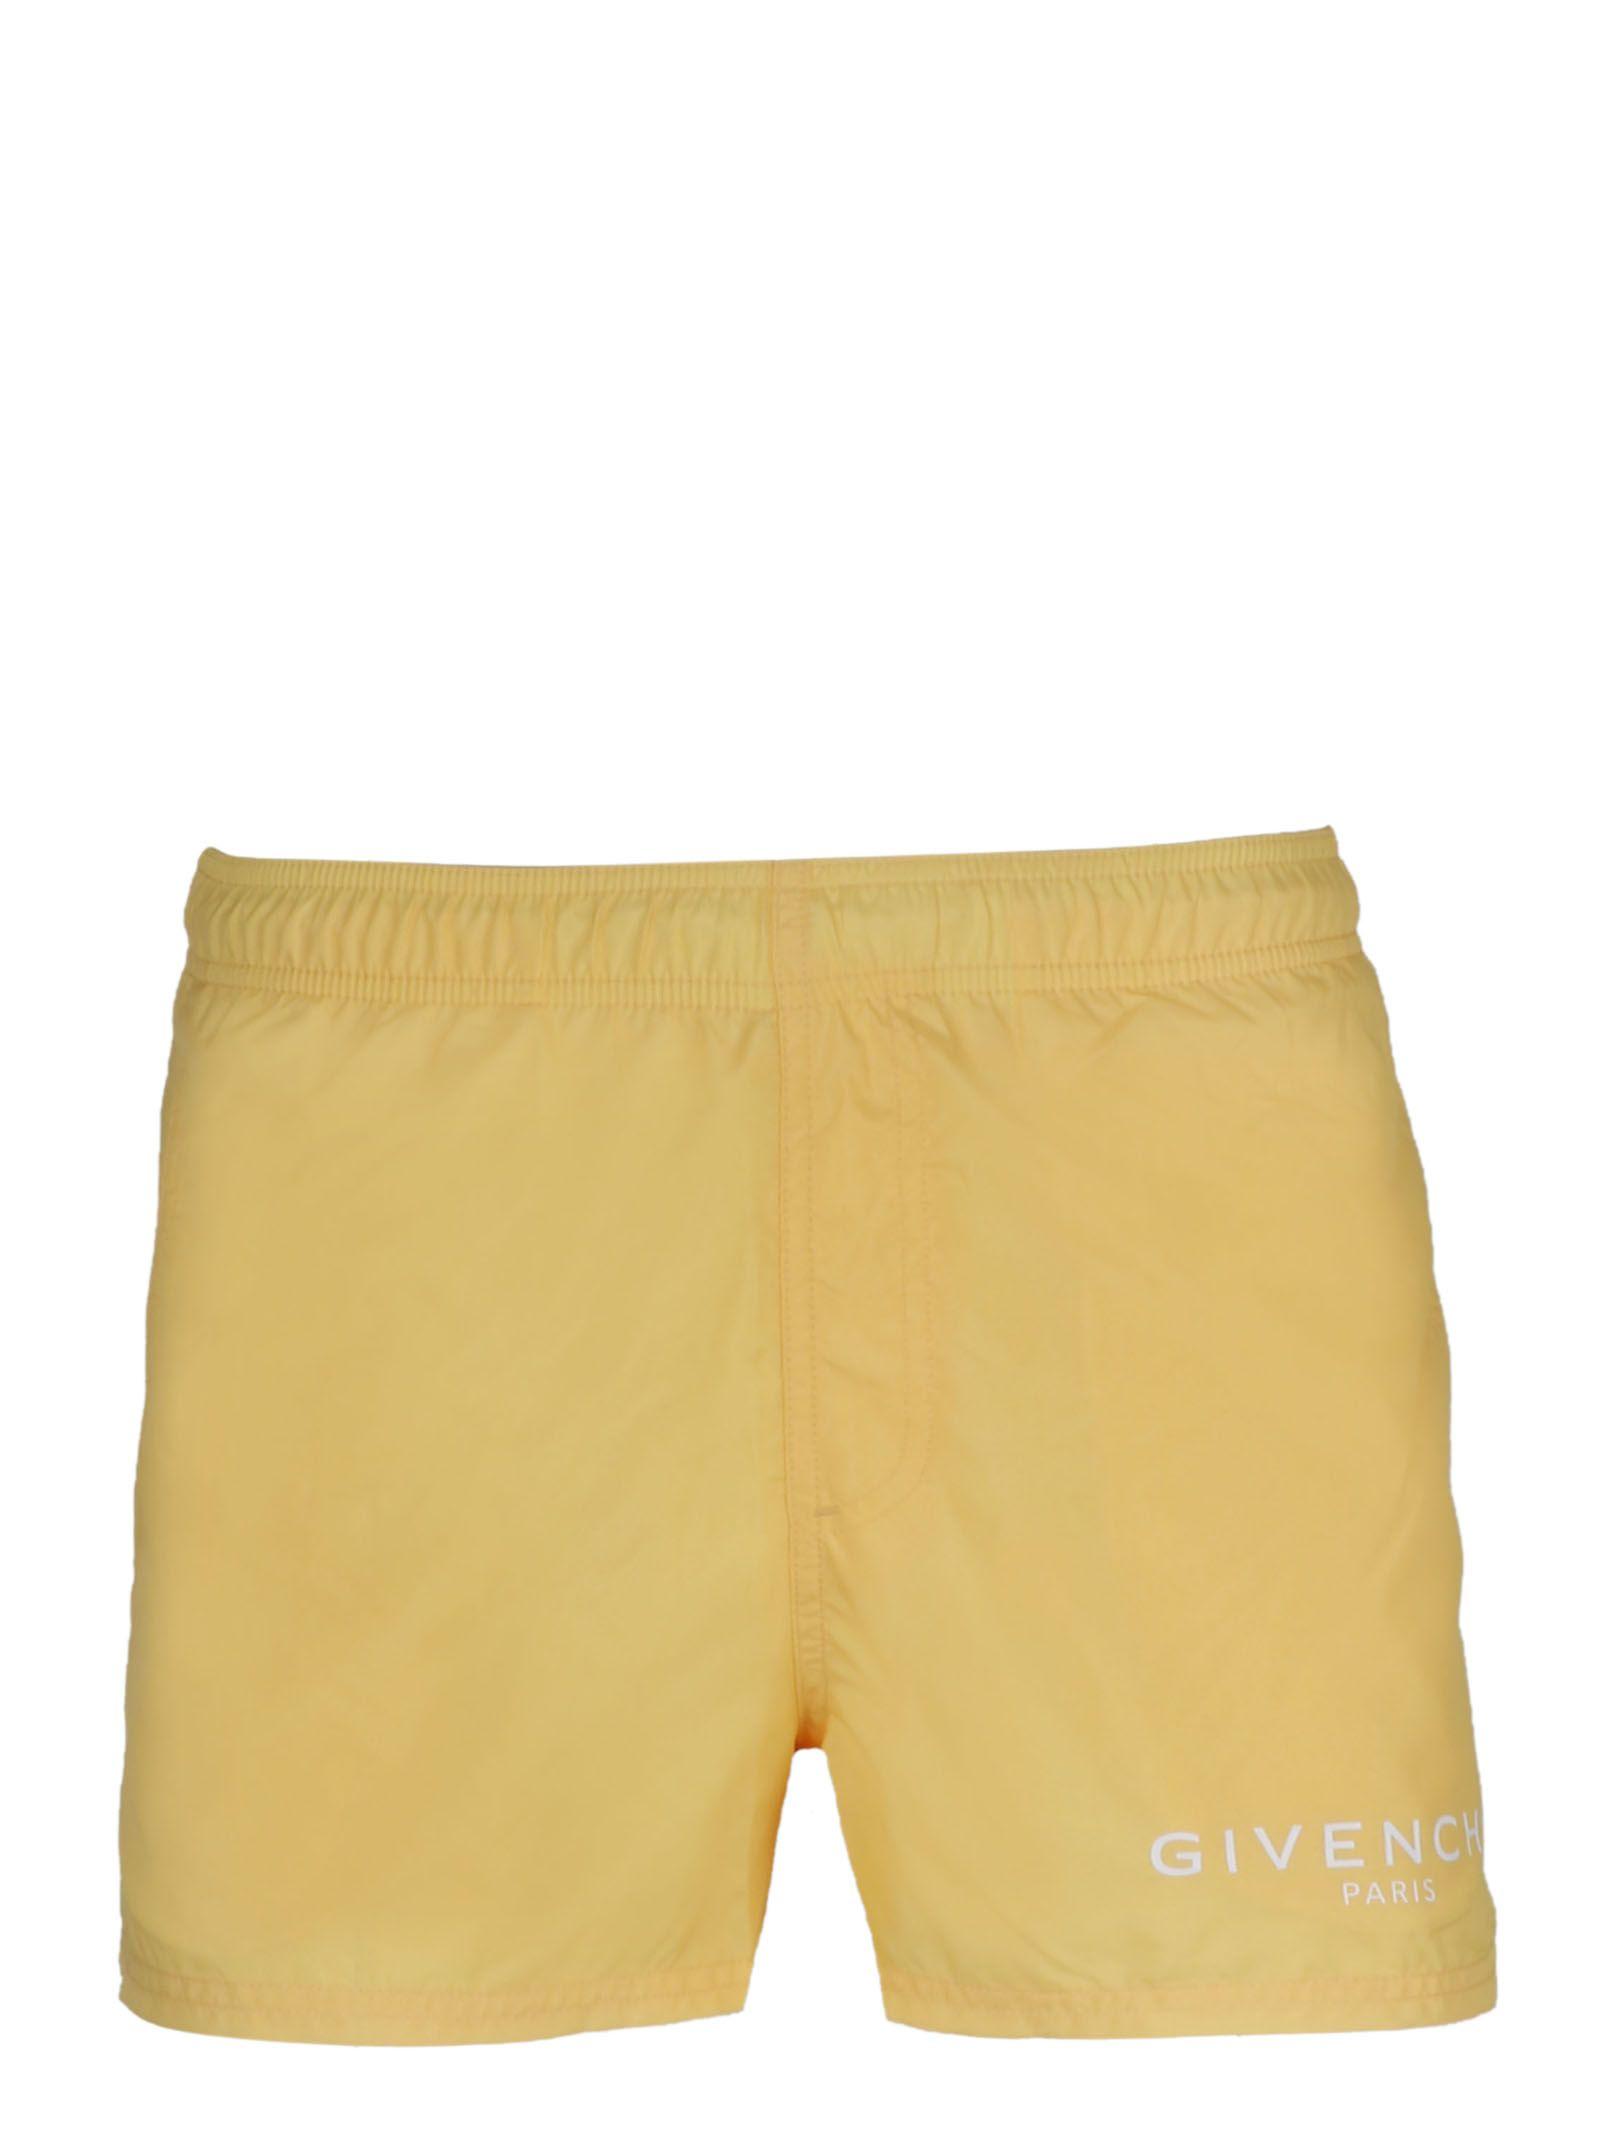 fc4558bb0ef23c Givenchy Givenchy Logo Swim Shorts - Basic - 10800435